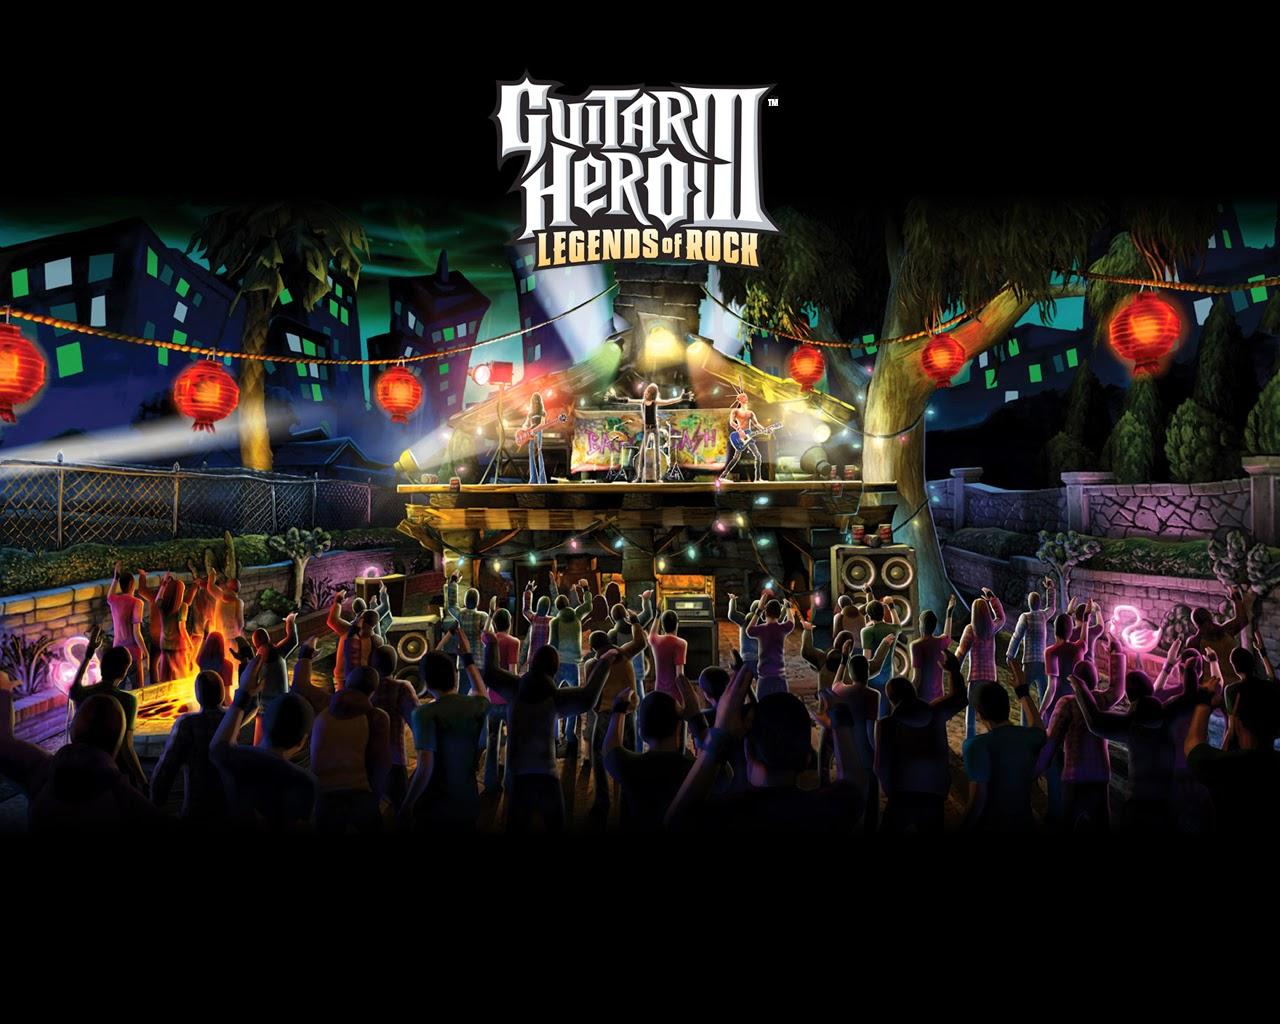 Guitar hero 3 legends of rock full crack free - Guitar hero 3 hd ...